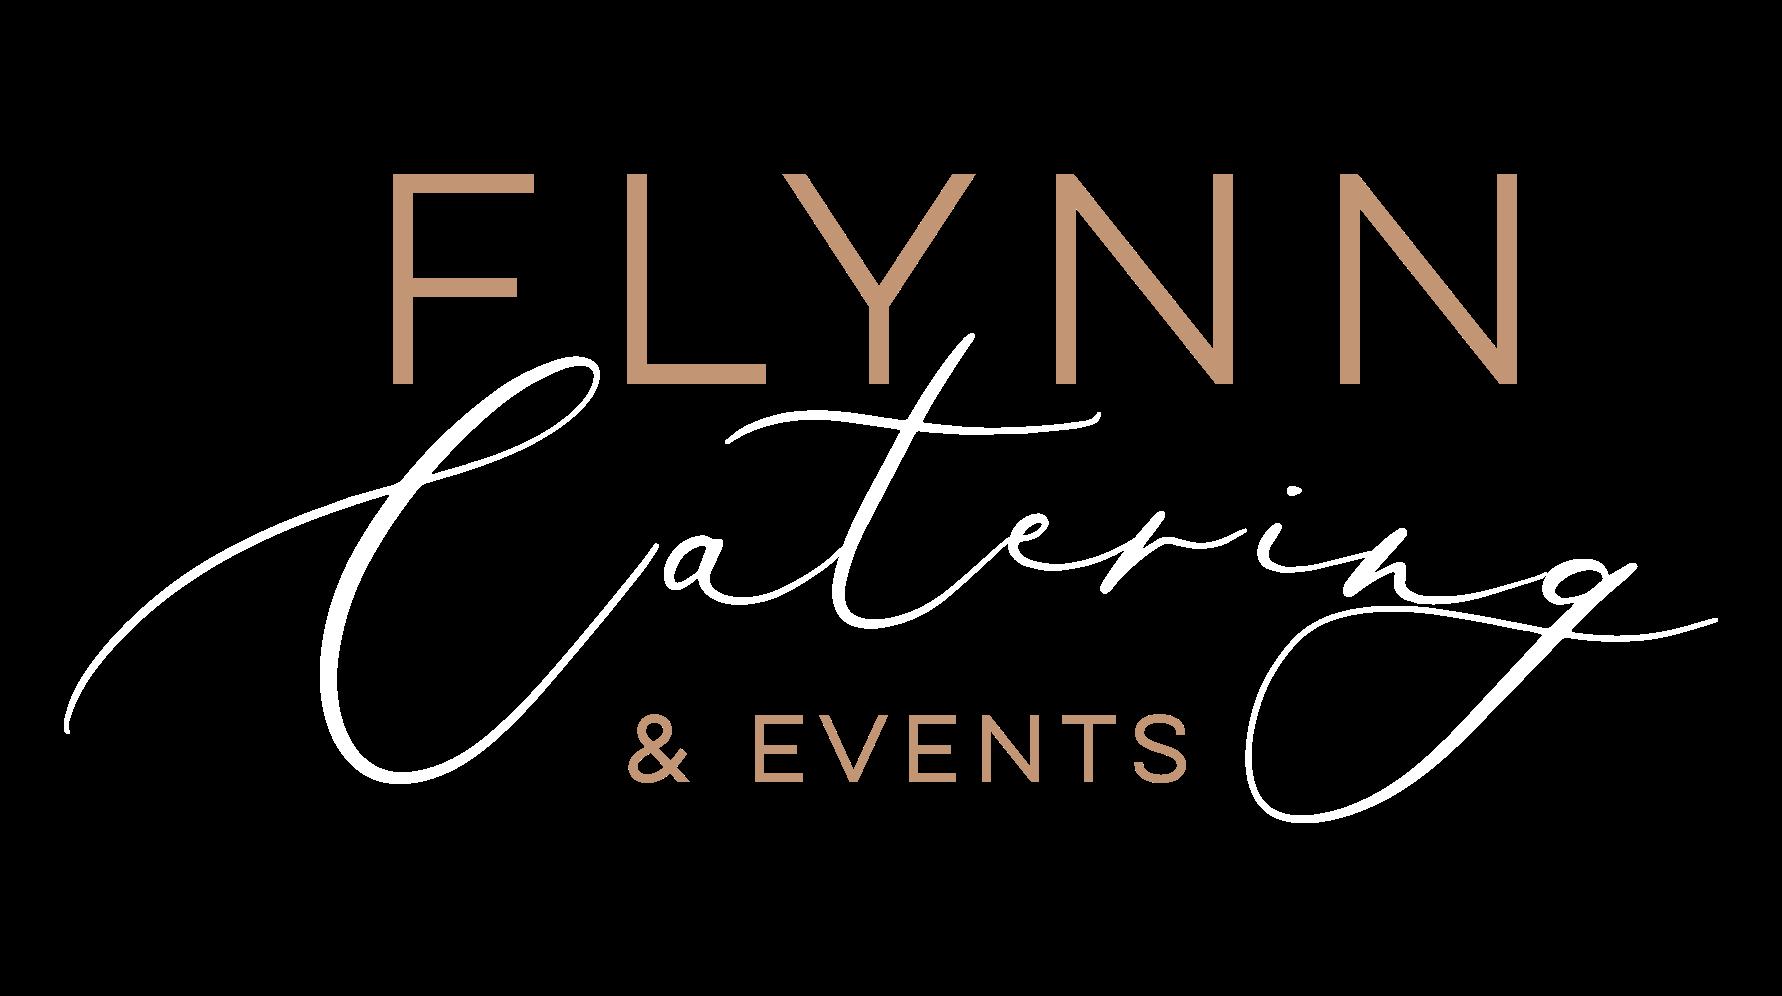 John Flynn Catering